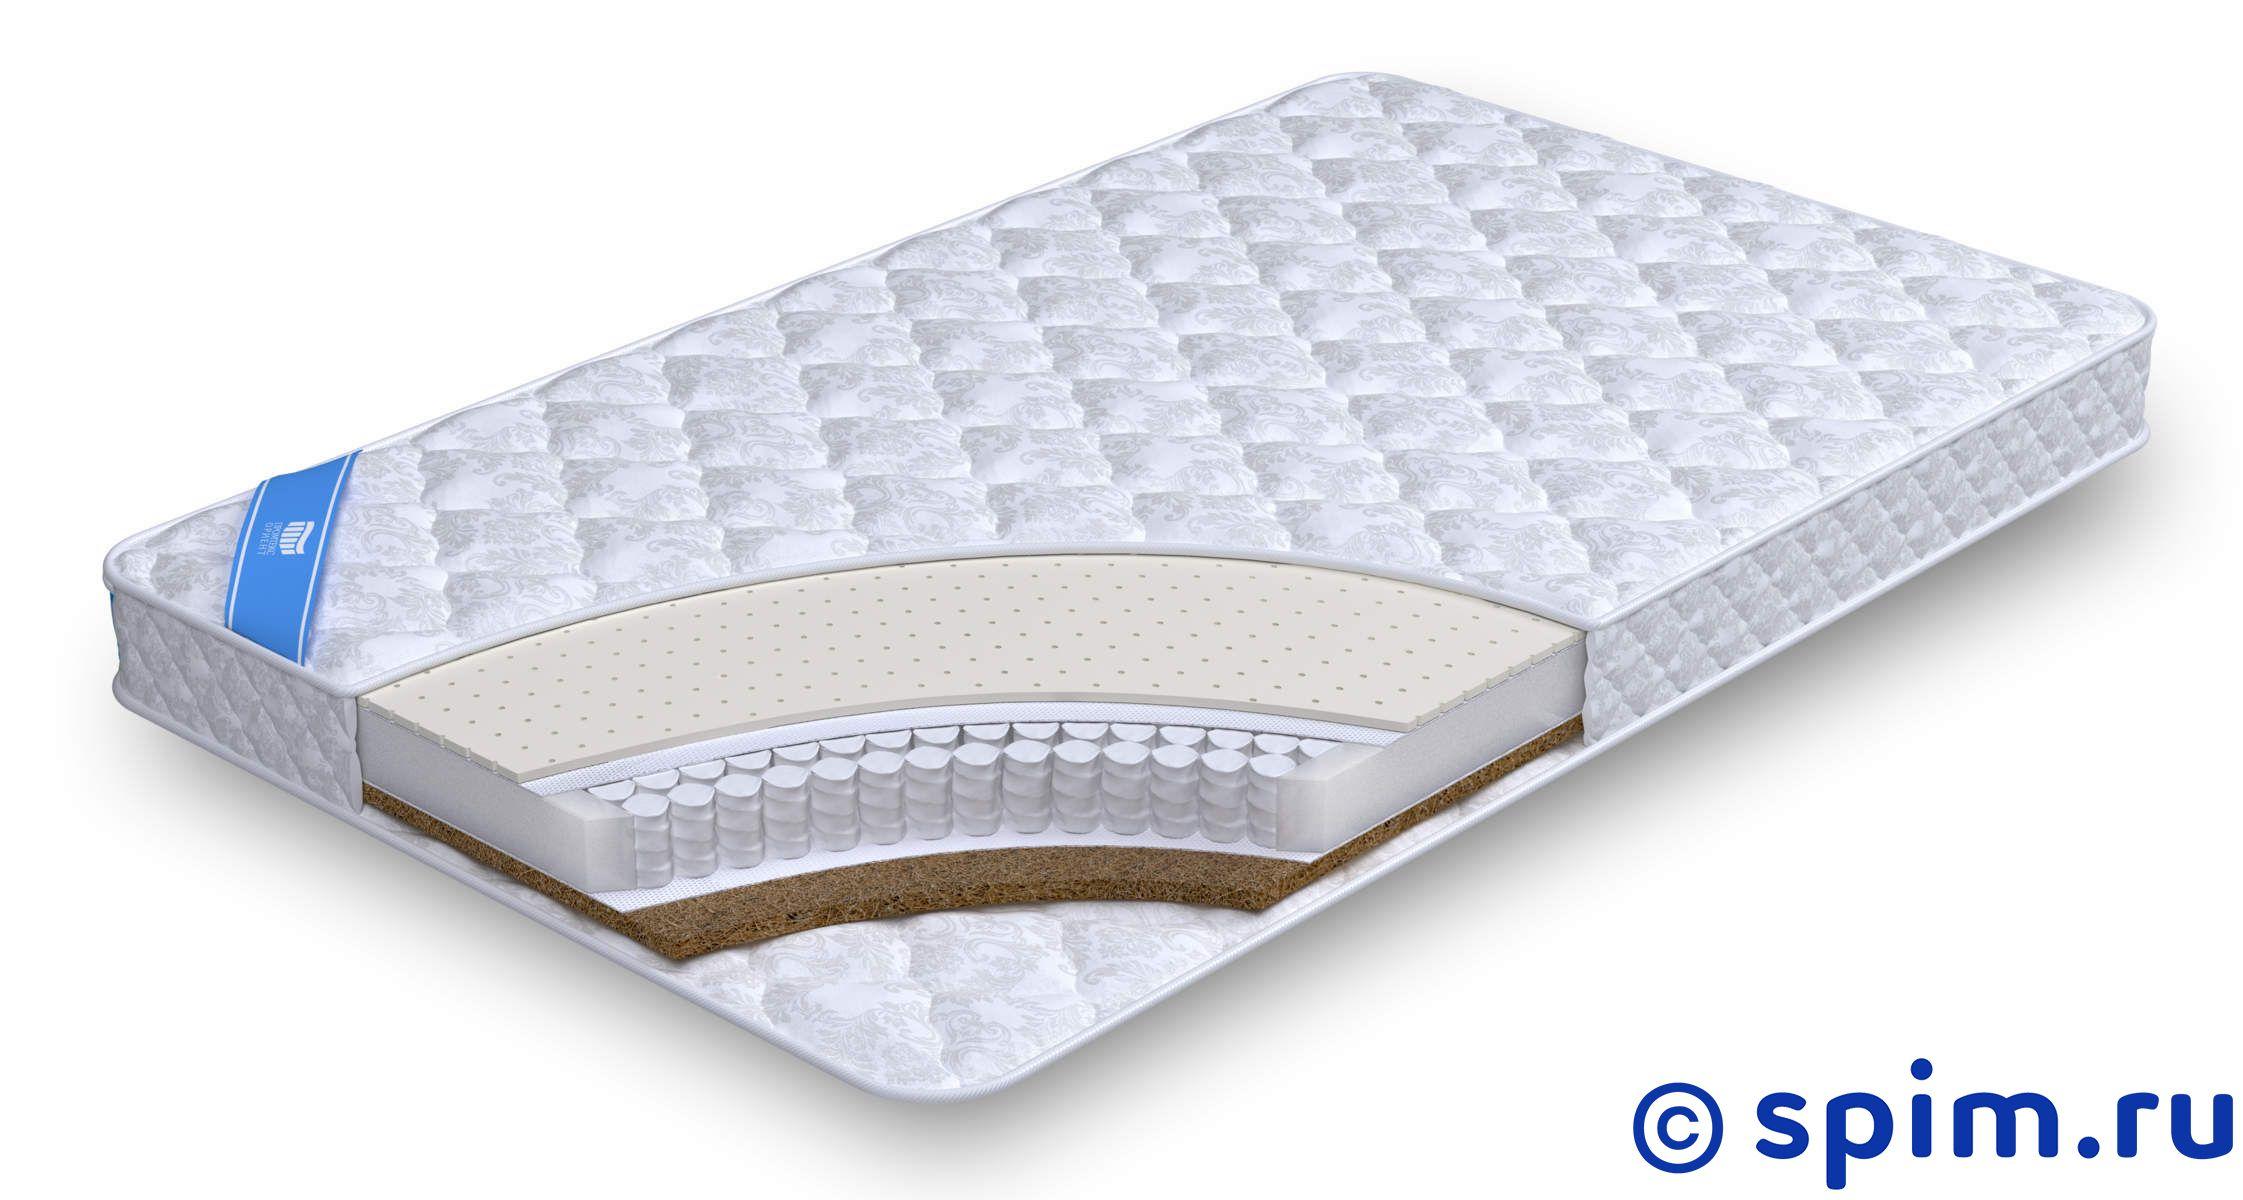 Матрас Промтекс-Ориент Teen Комби 1 80х200 см кровать промтекс ориент рено 1 110х200 см